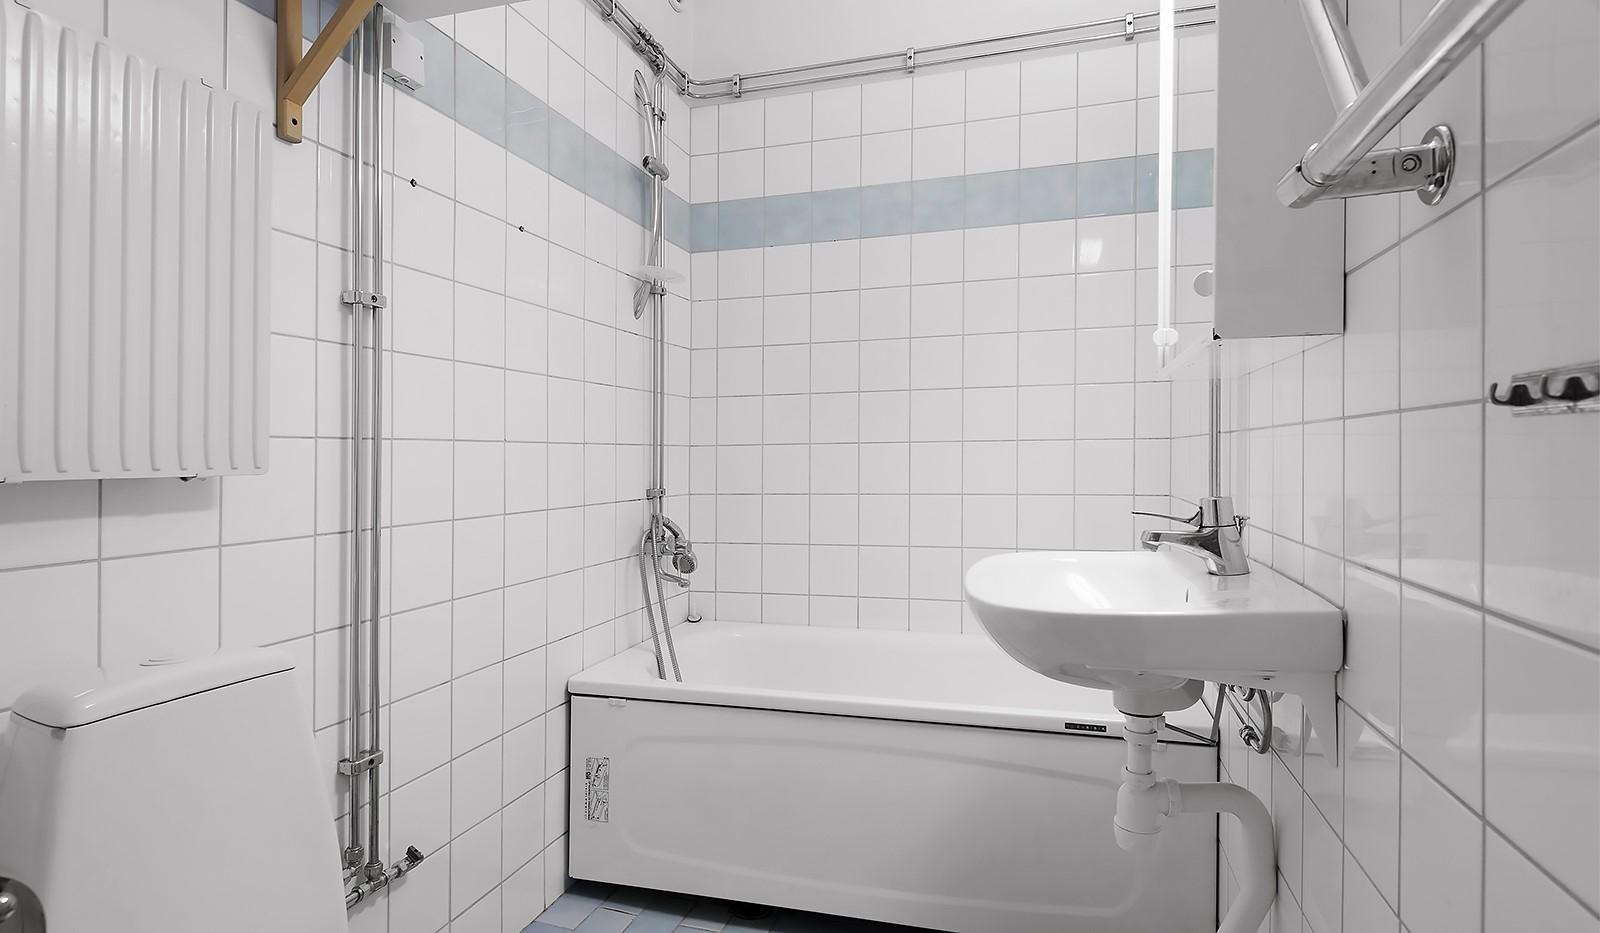 Wennerbergsgatan 6B, 5 tr - Badrum med kakel, klinker och badkar,